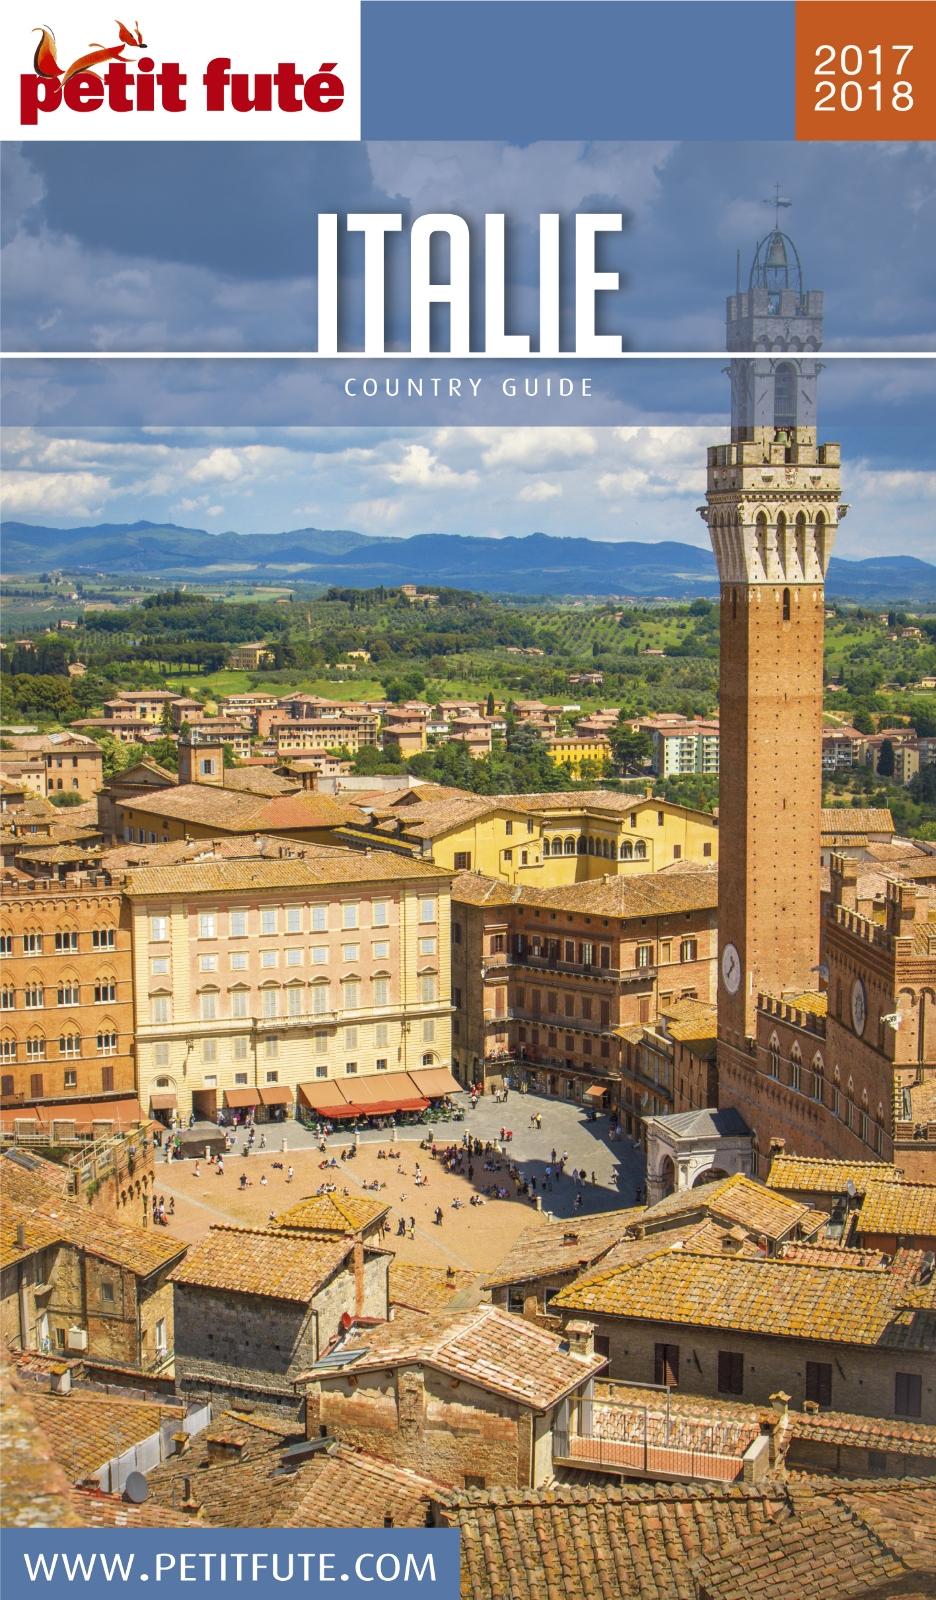 ITALIE 2017/2018 Petit Futé